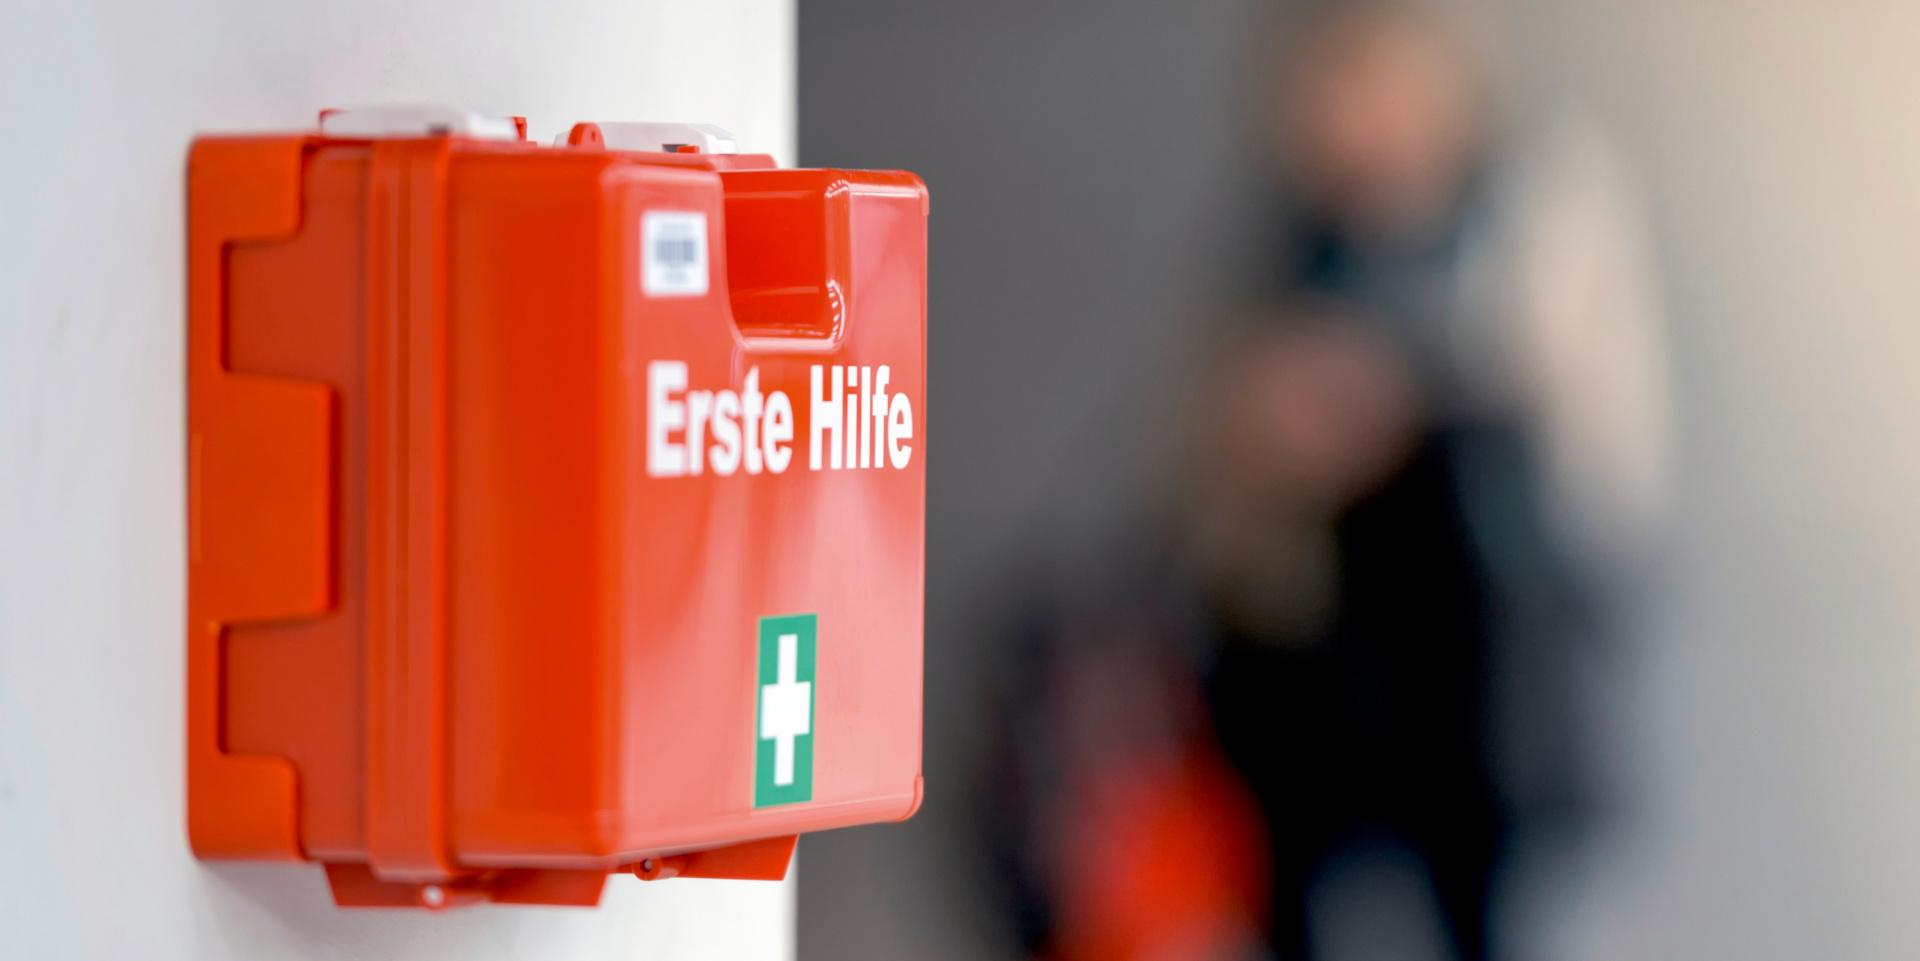 Titelbild Checkliste Erste Hilfe: So bereiten Sie sich für den Ernstfall vor